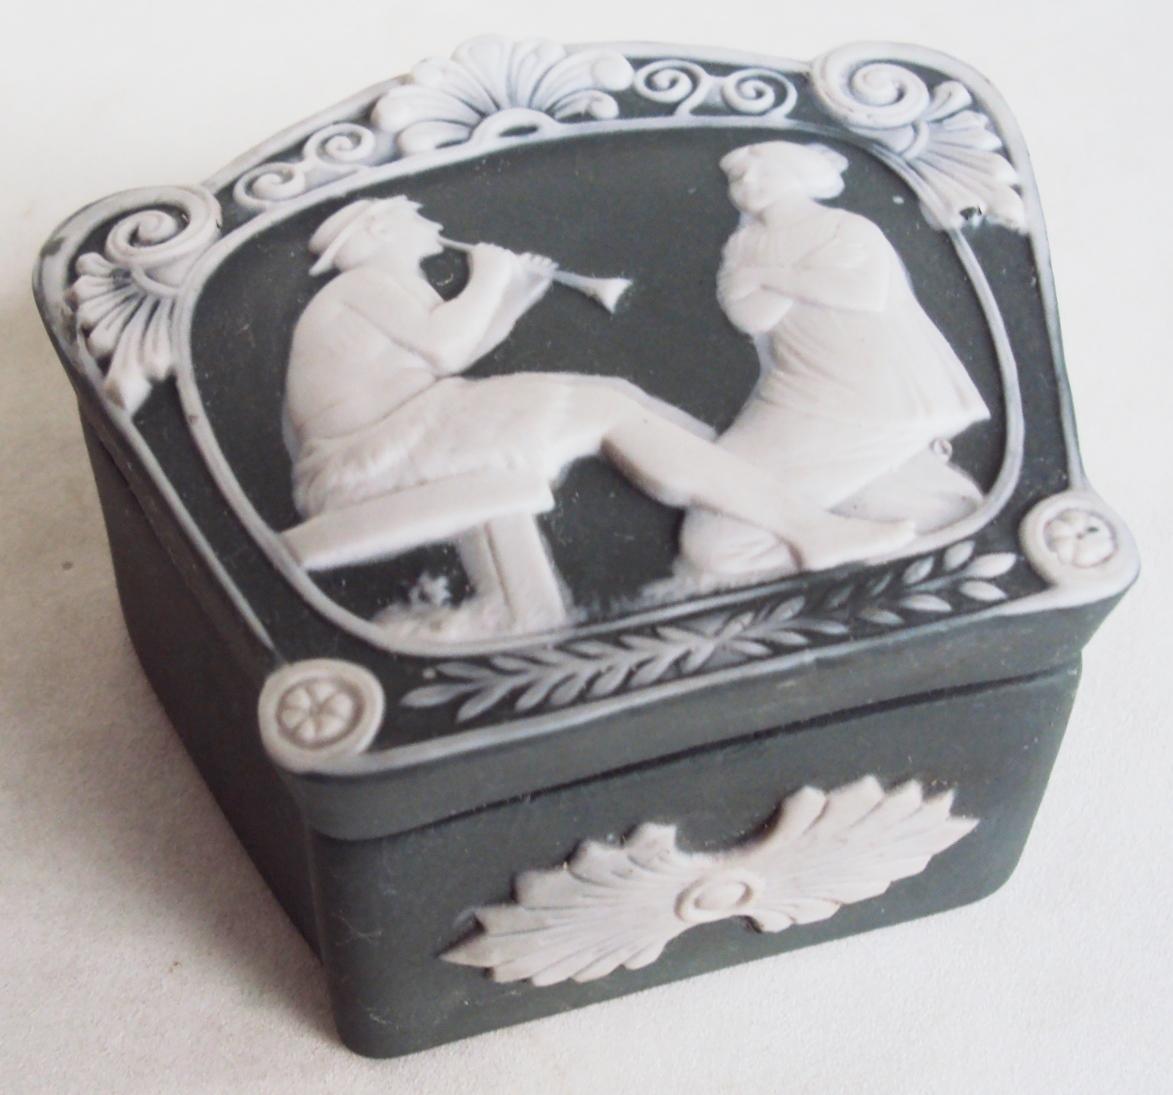 LO 396 – Caixa antiga inglesa em porcelana Wedgwood verde com casal e arabescos em relevo